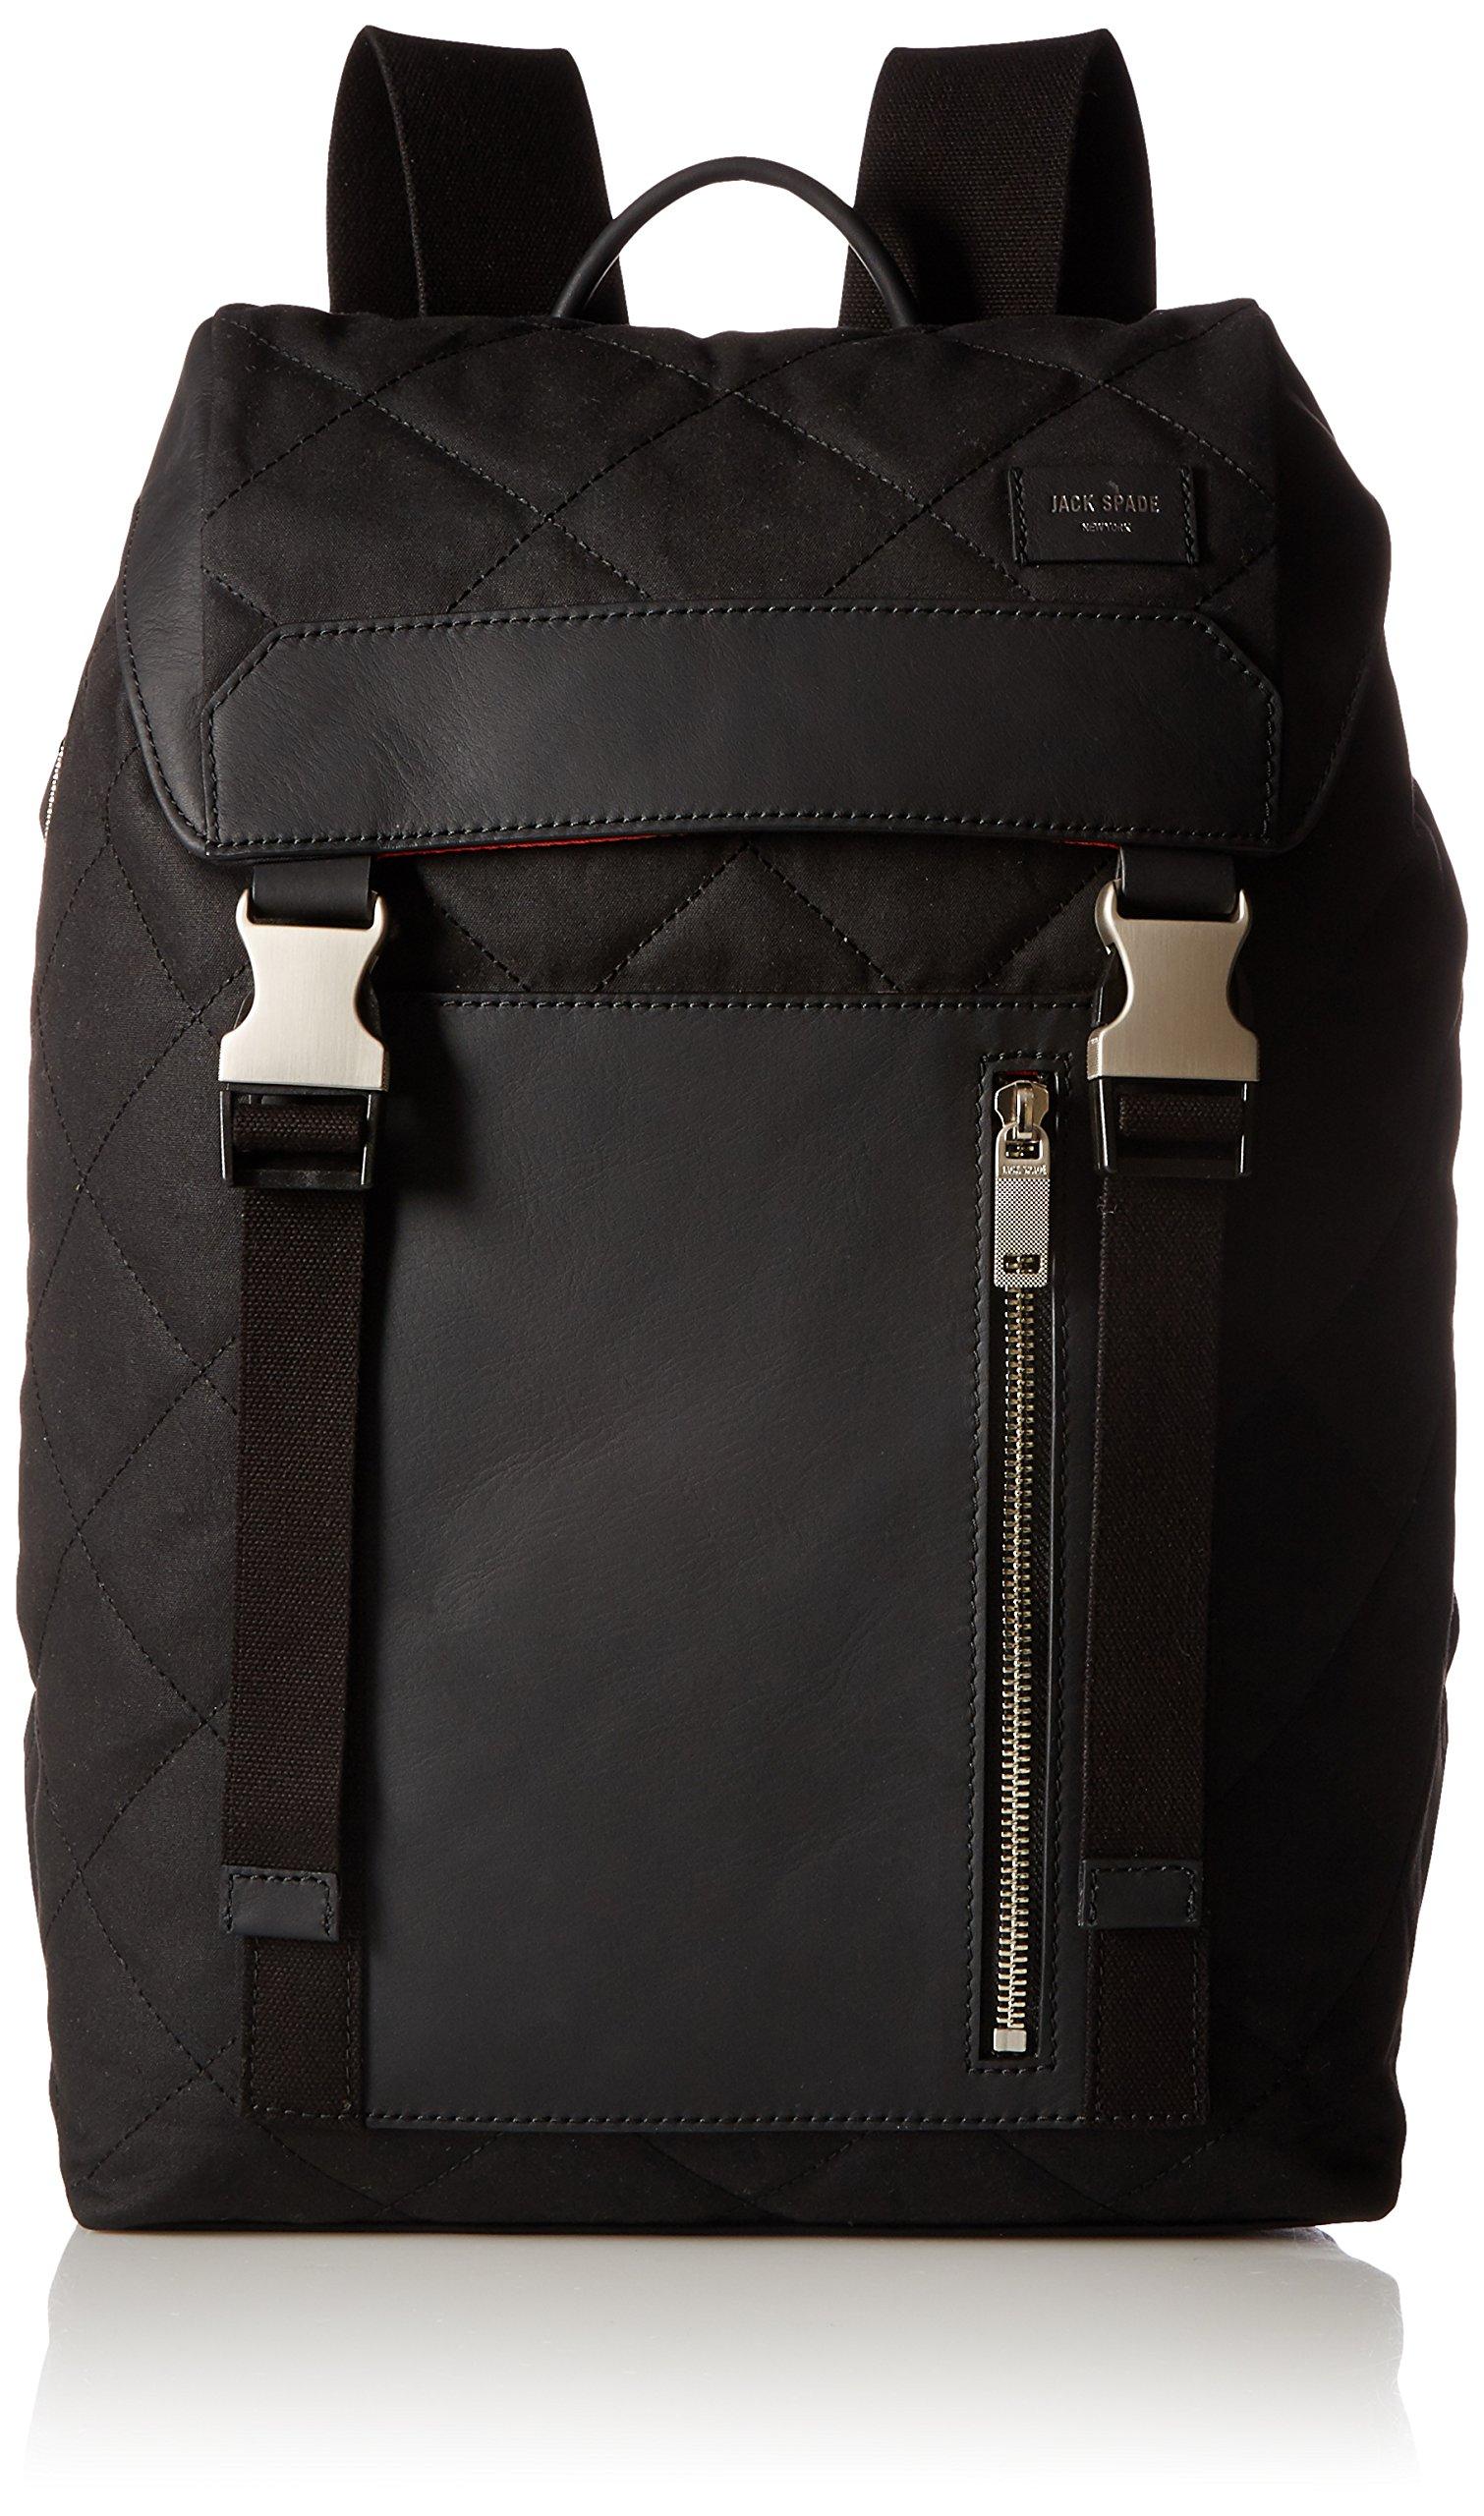 Jack Spade Men's Quilted Waxwear Army Backpack, Black